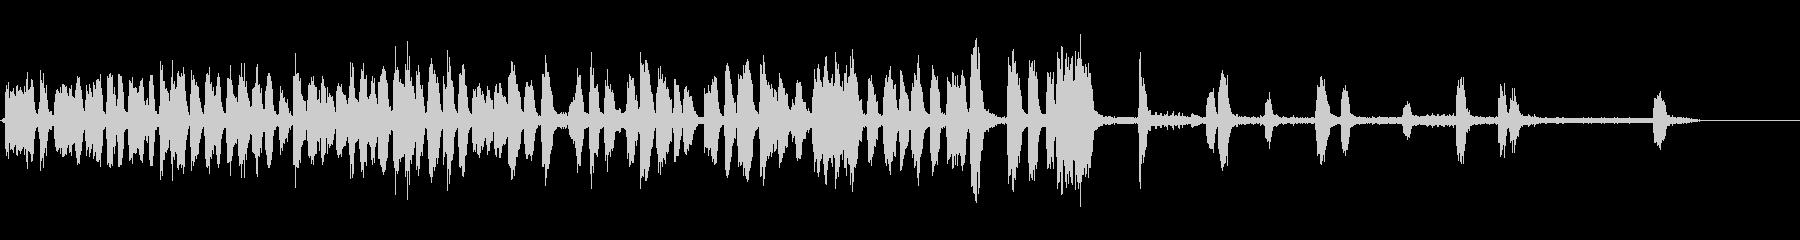 カラス1の未再生の波形